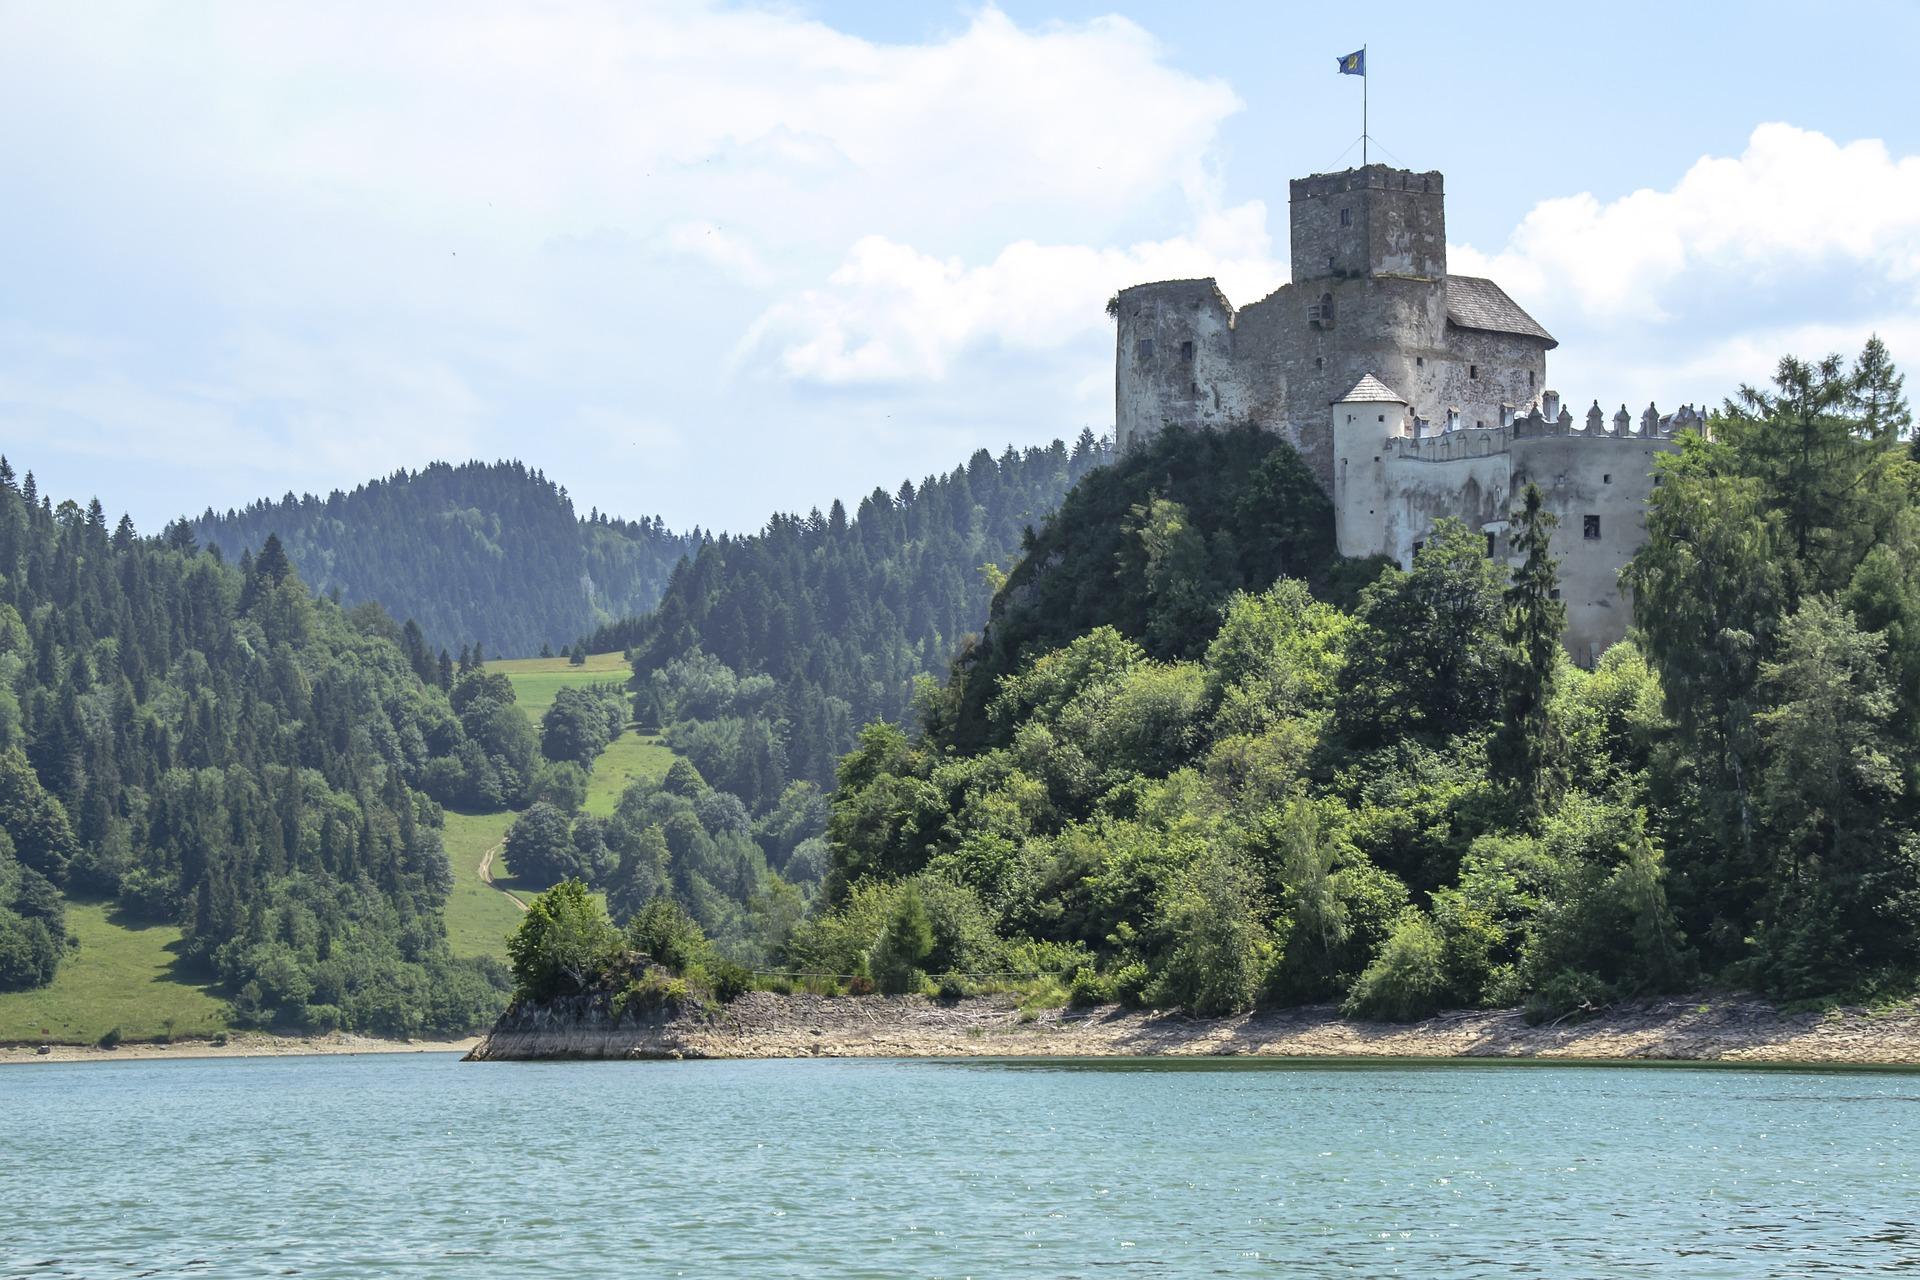 castle-ruins-1479649_1920